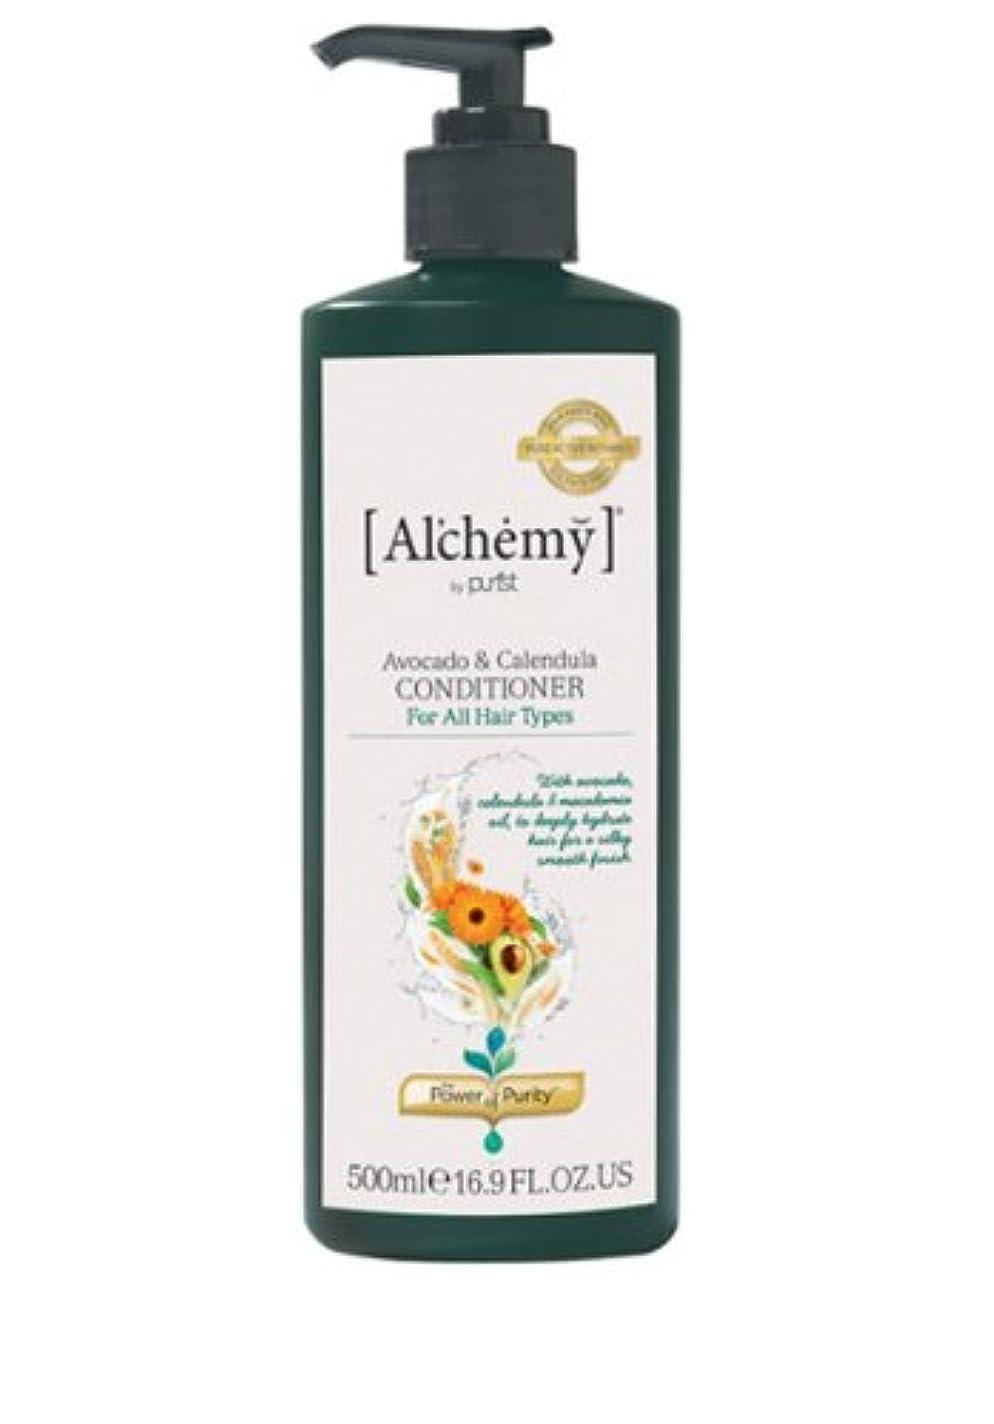 ミュートみラグ【Al'chemy(alchemy)】アルケミー アボカド&カレデュラ コンディショナー(Avocado&Calendula Conditioner)(ドライ&ロングヘア用)お徳用500ml